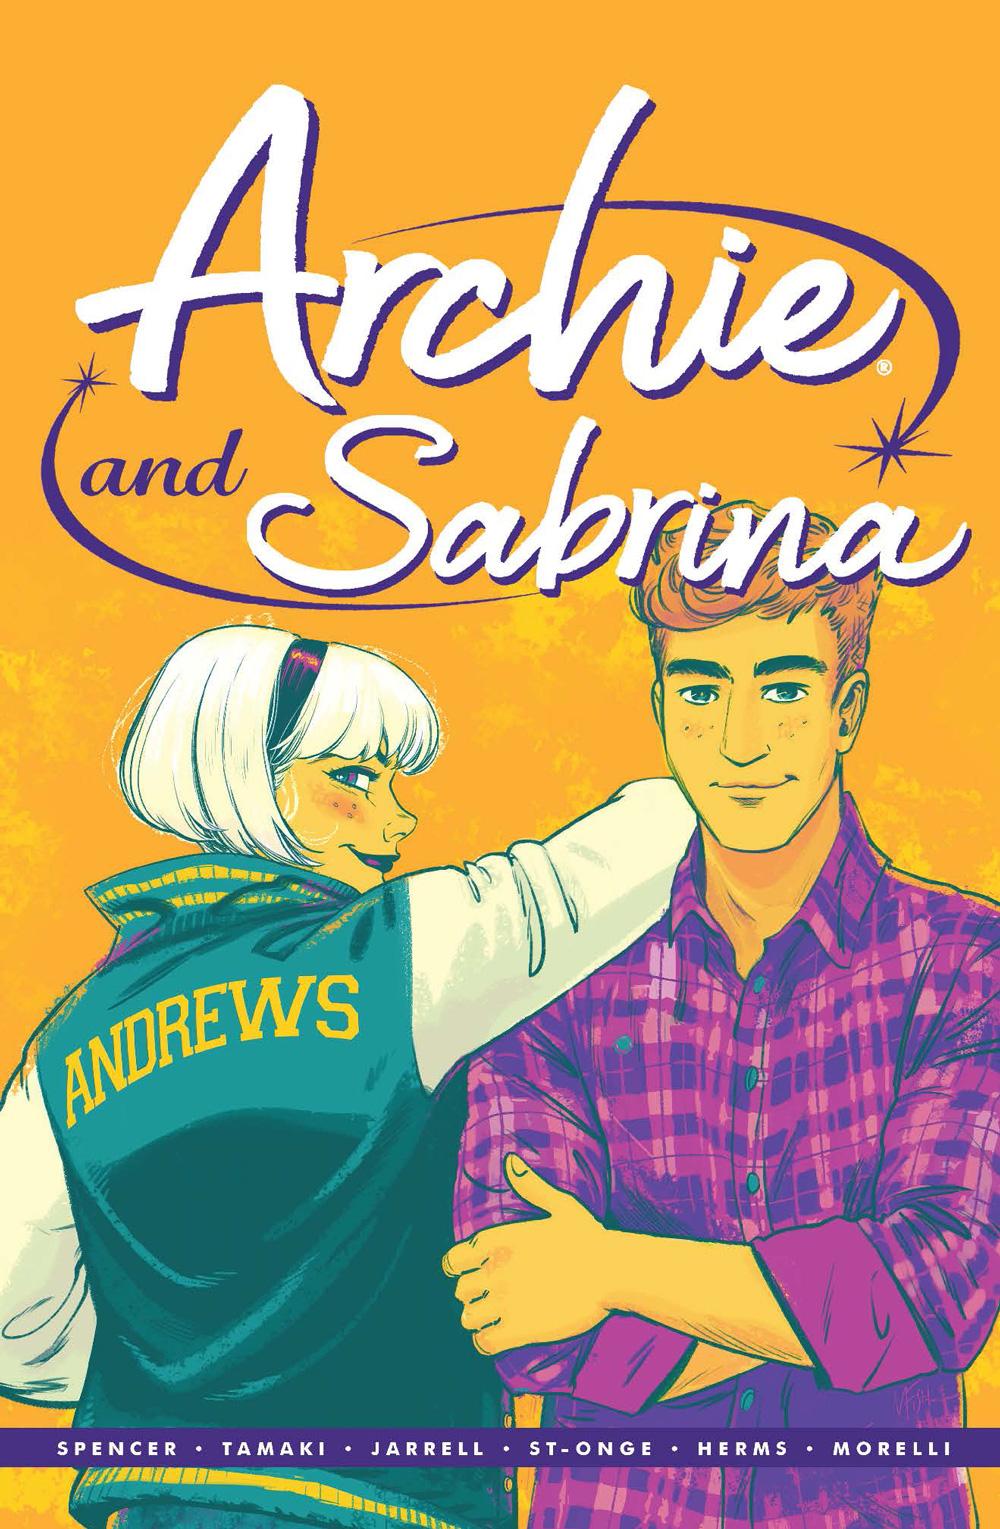 Archie & Sabrina Cover8